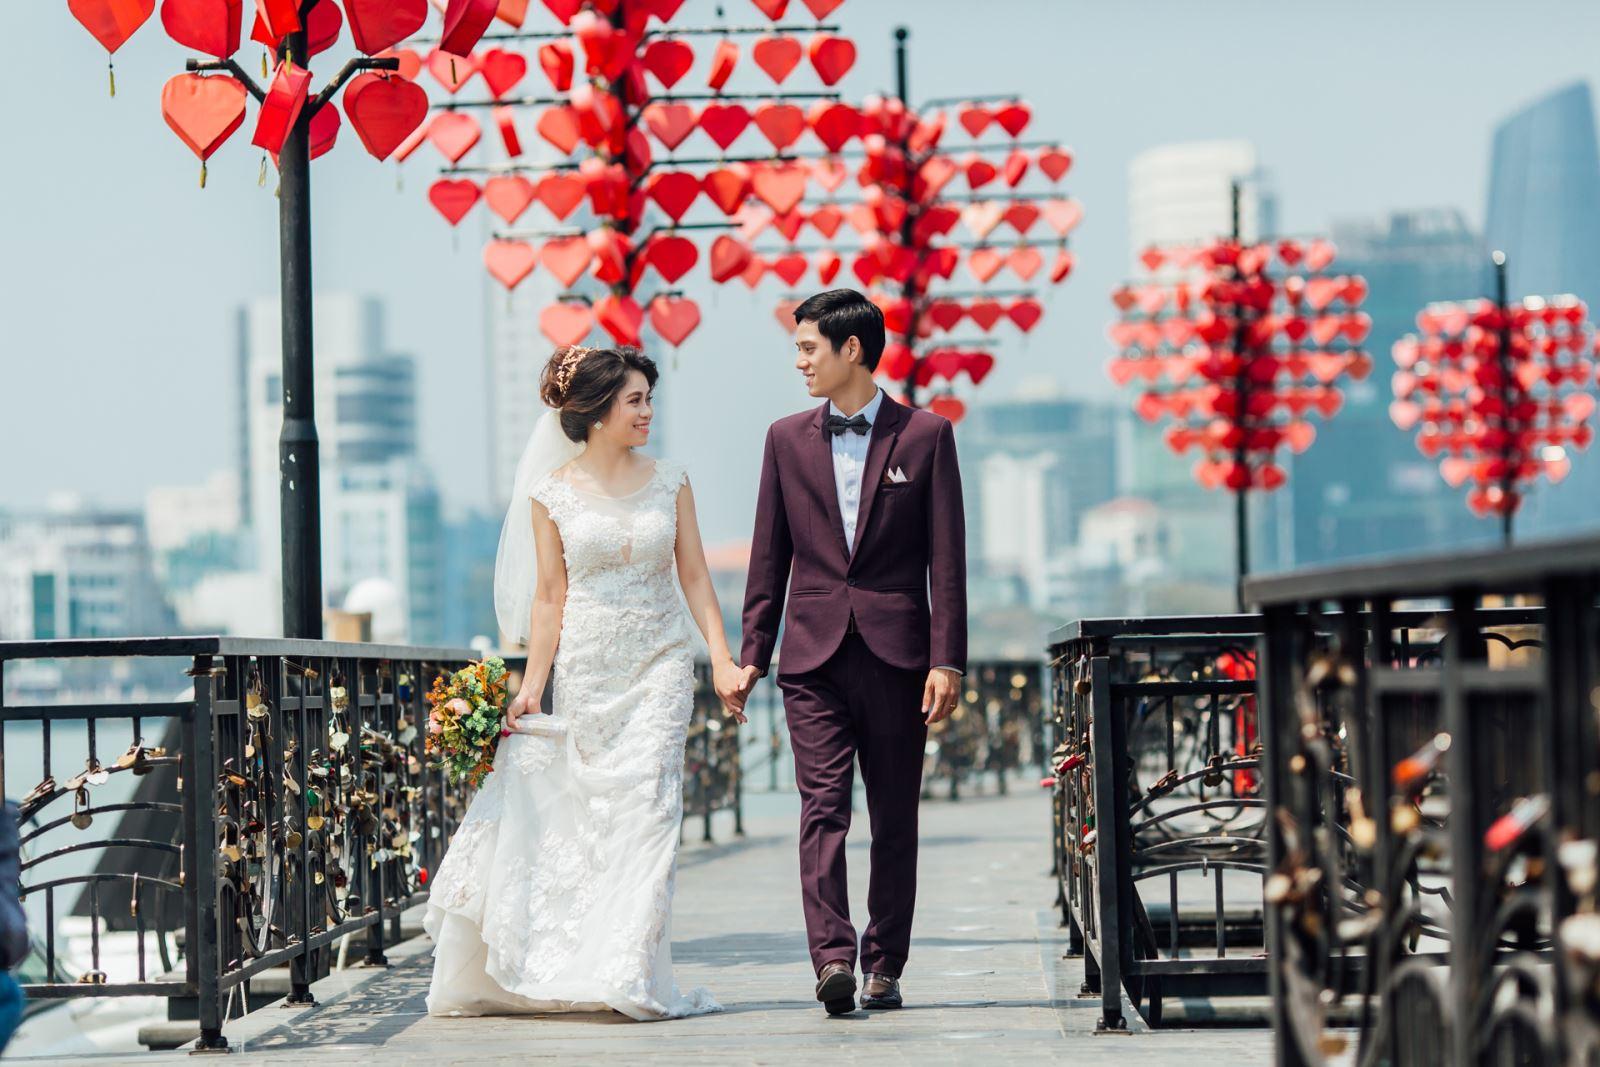 Ảnh cưới đẹp tại Cầu Tình Yêu Đà Nẵng